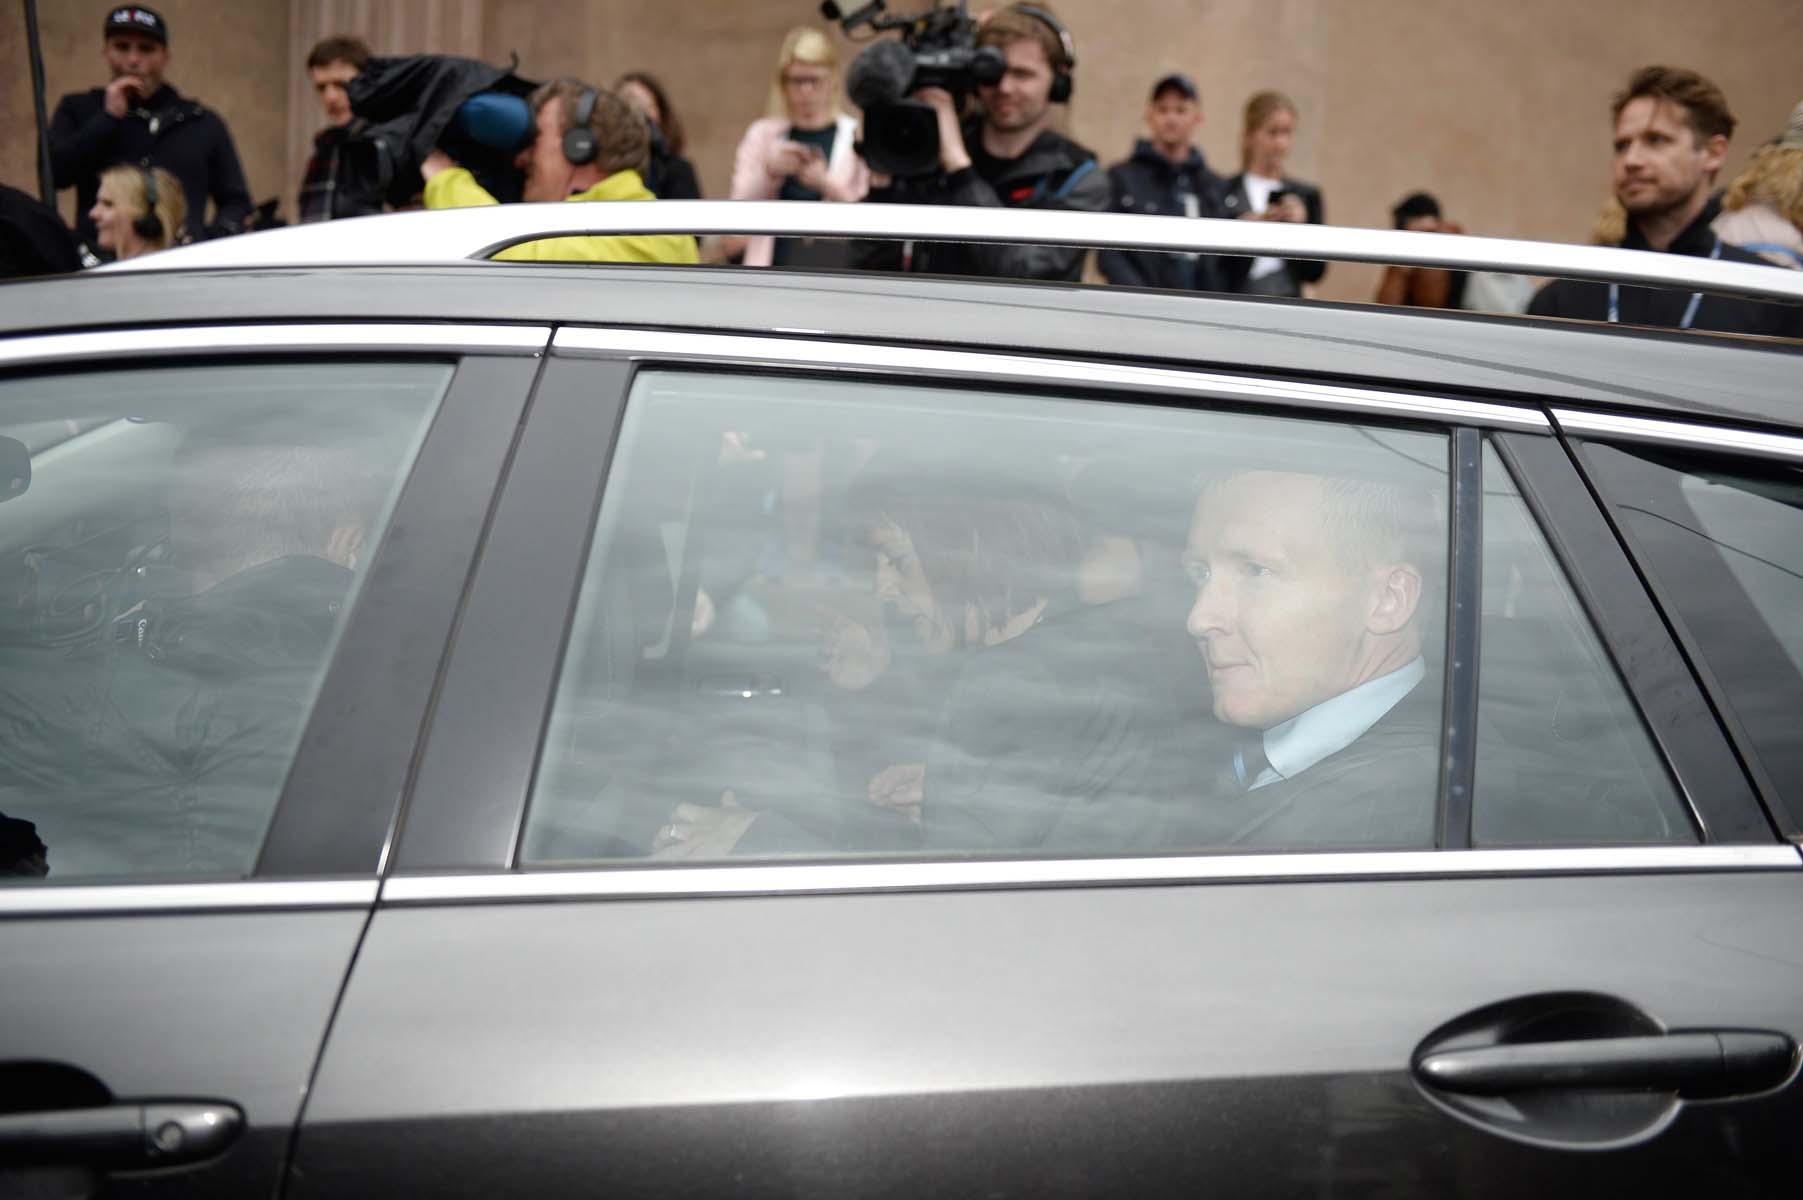 Υπόθεση Βαλ: Ο Χάνιμπαλ Λέκτερ της Δανίας και η δολοφονία-θρίλερ - Φωτογραφία 6